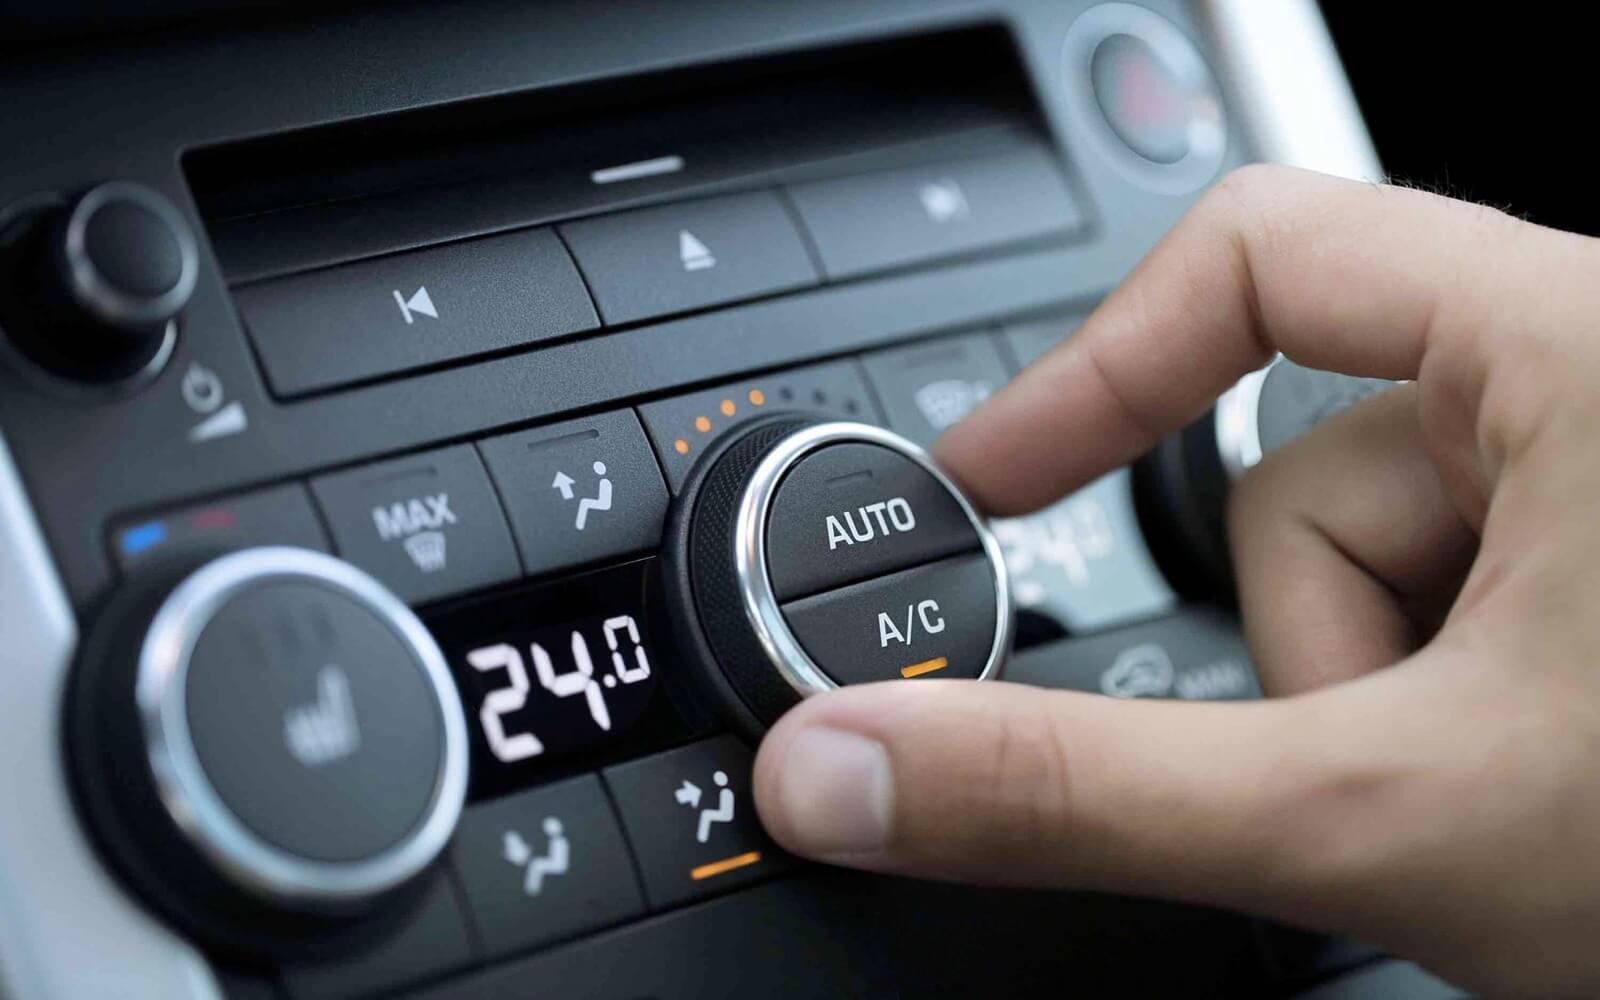 Manipular la radio mientras se conduce